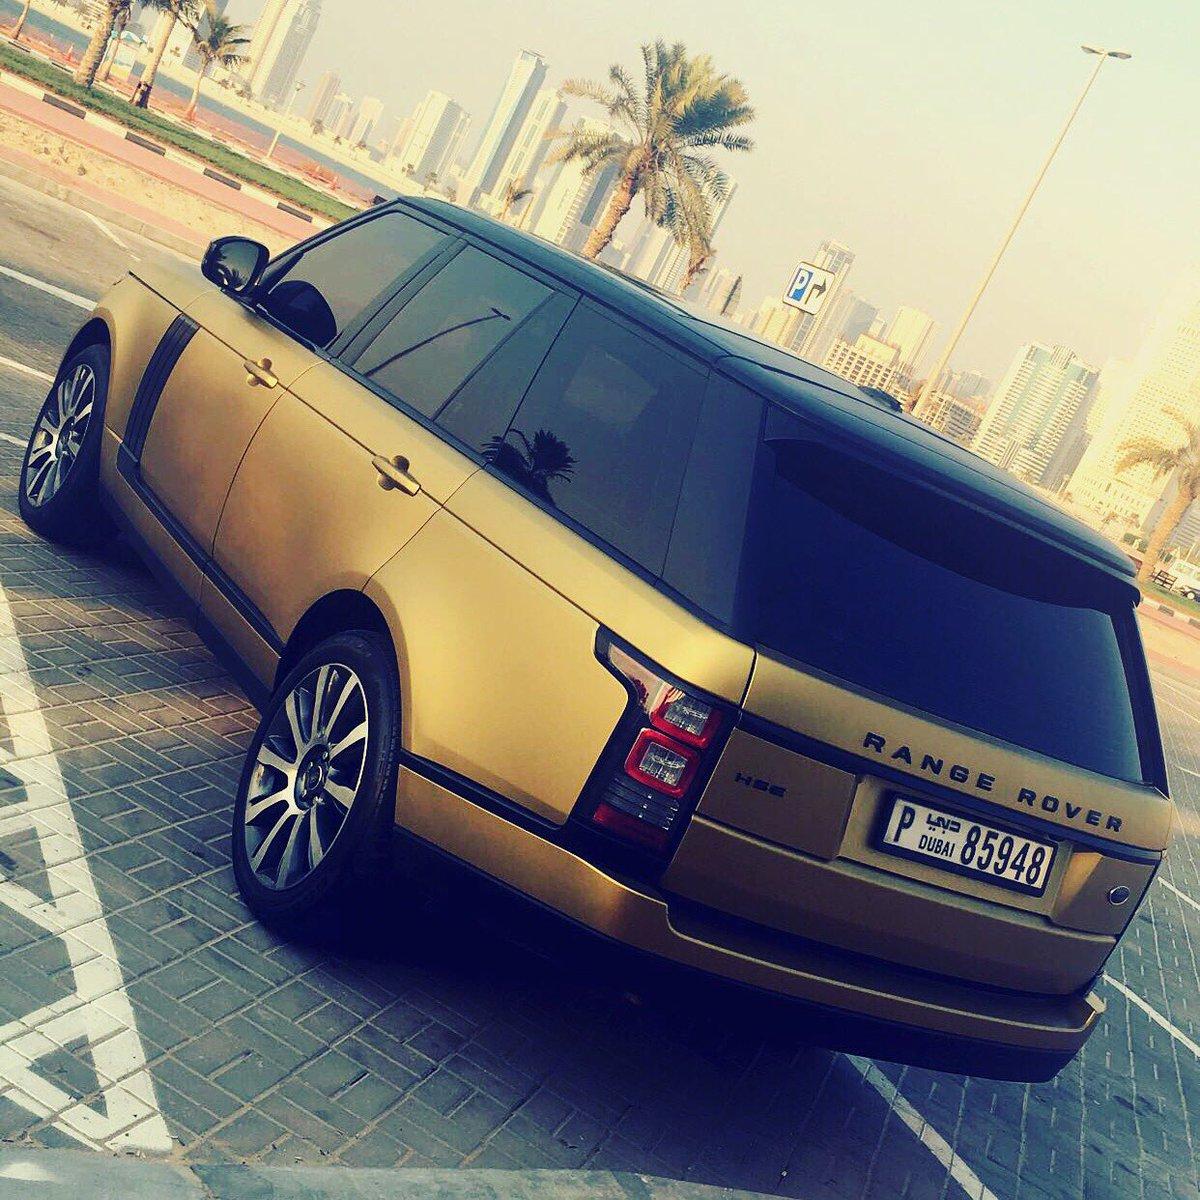 بالصور سيارات دبي , اجمل السيارات الغالية 3428